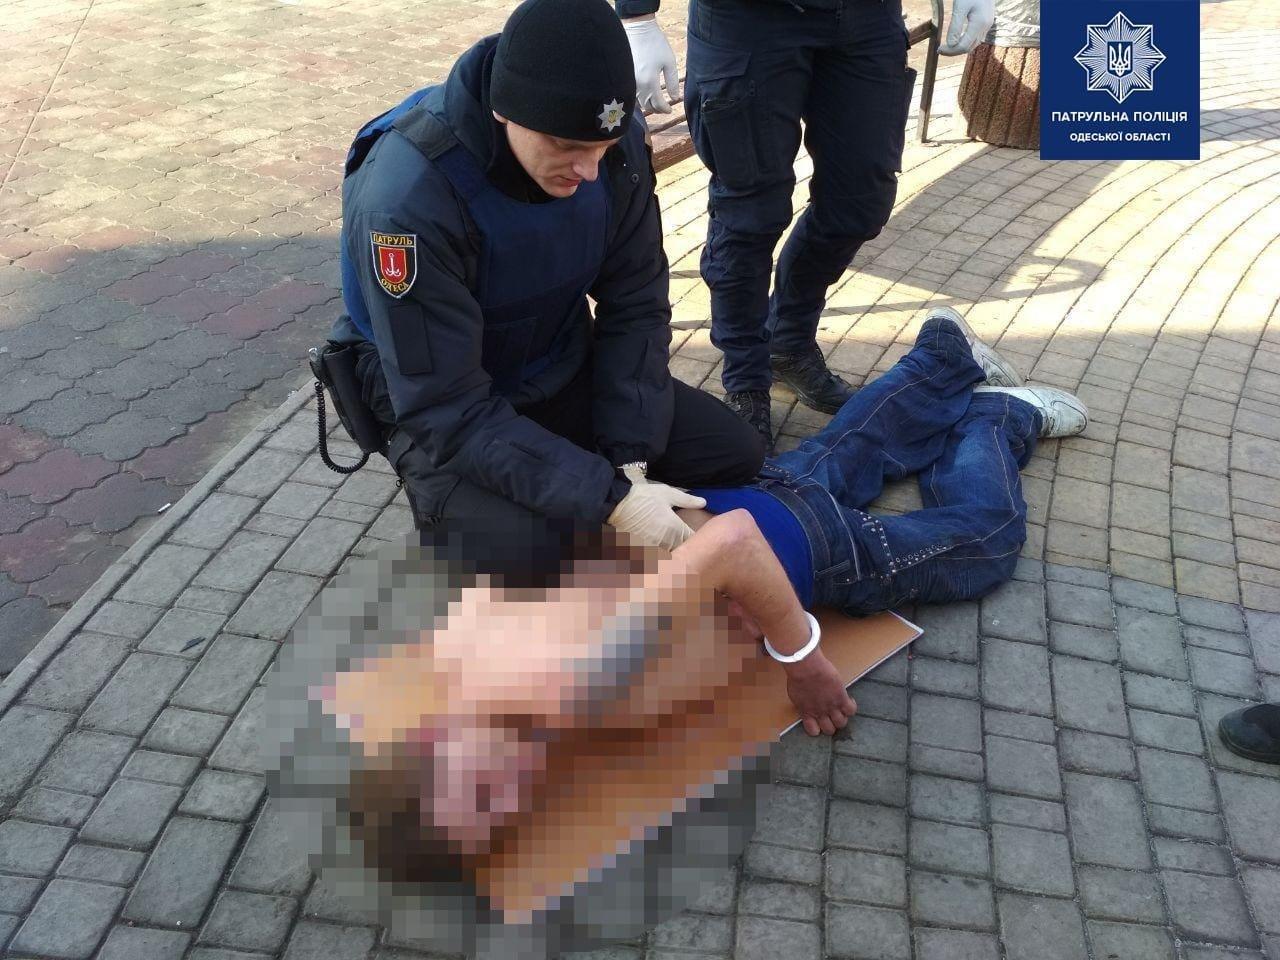 Полиция задержала мужчину, утверждающего, что он - охотник за привидениями,- ФОТО, фото-1